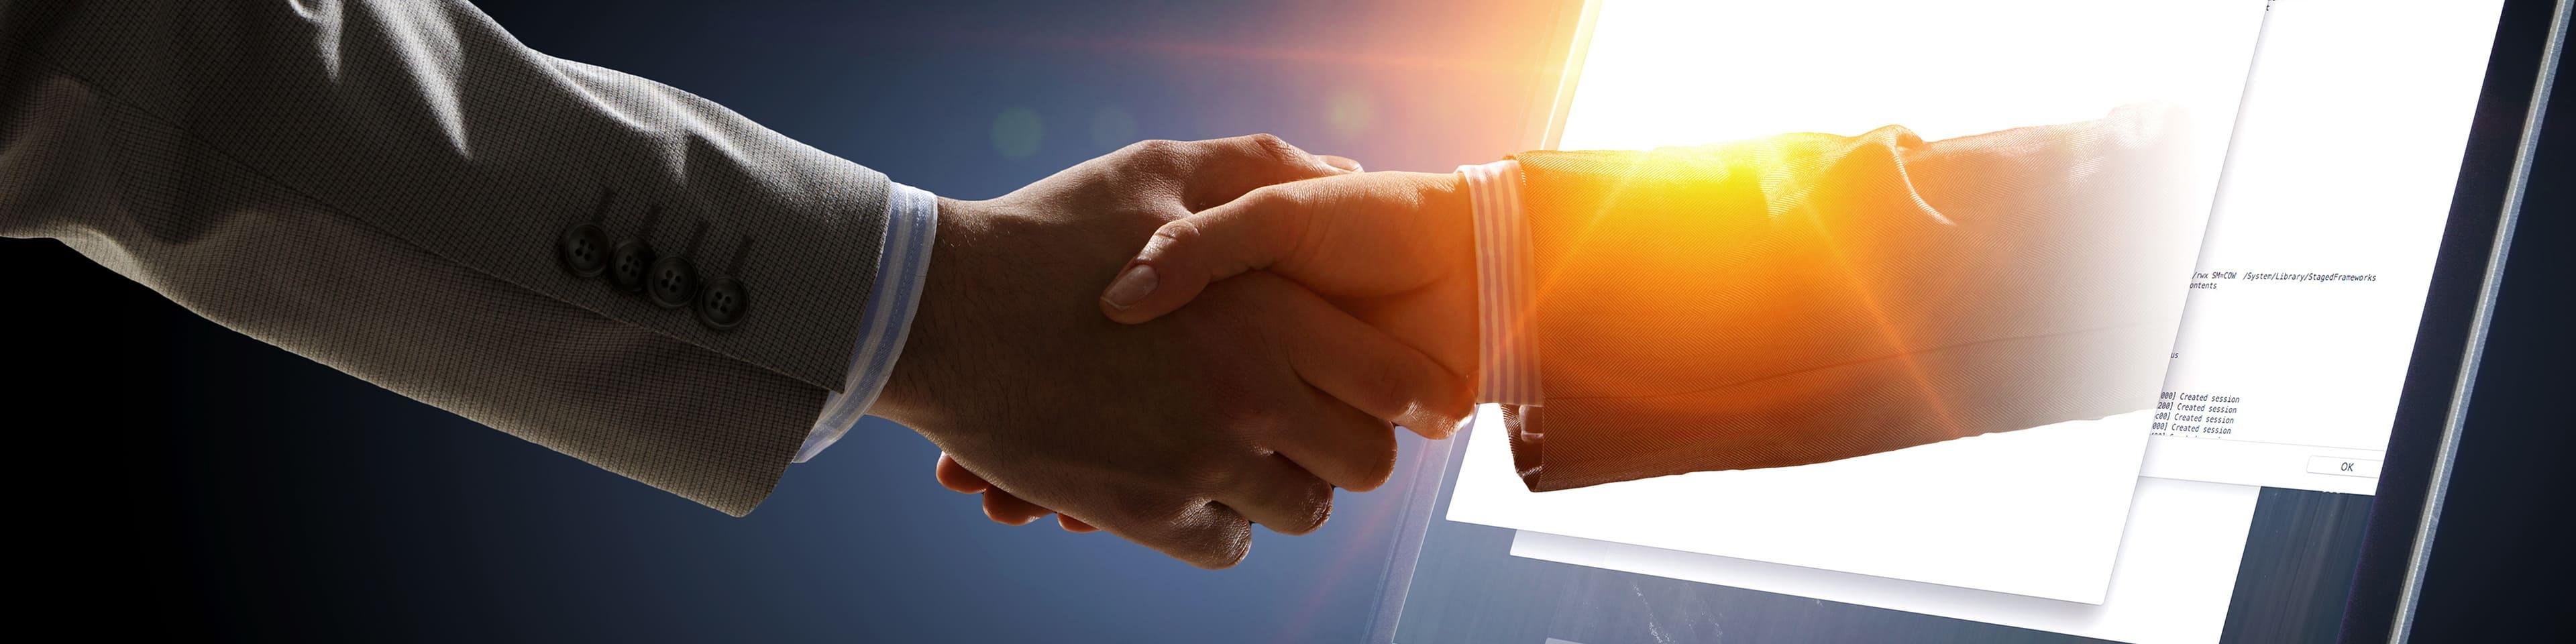 Hand vanuit laptop schud hand van boekhouder voor financieren via boekhoudpakket voor mkb